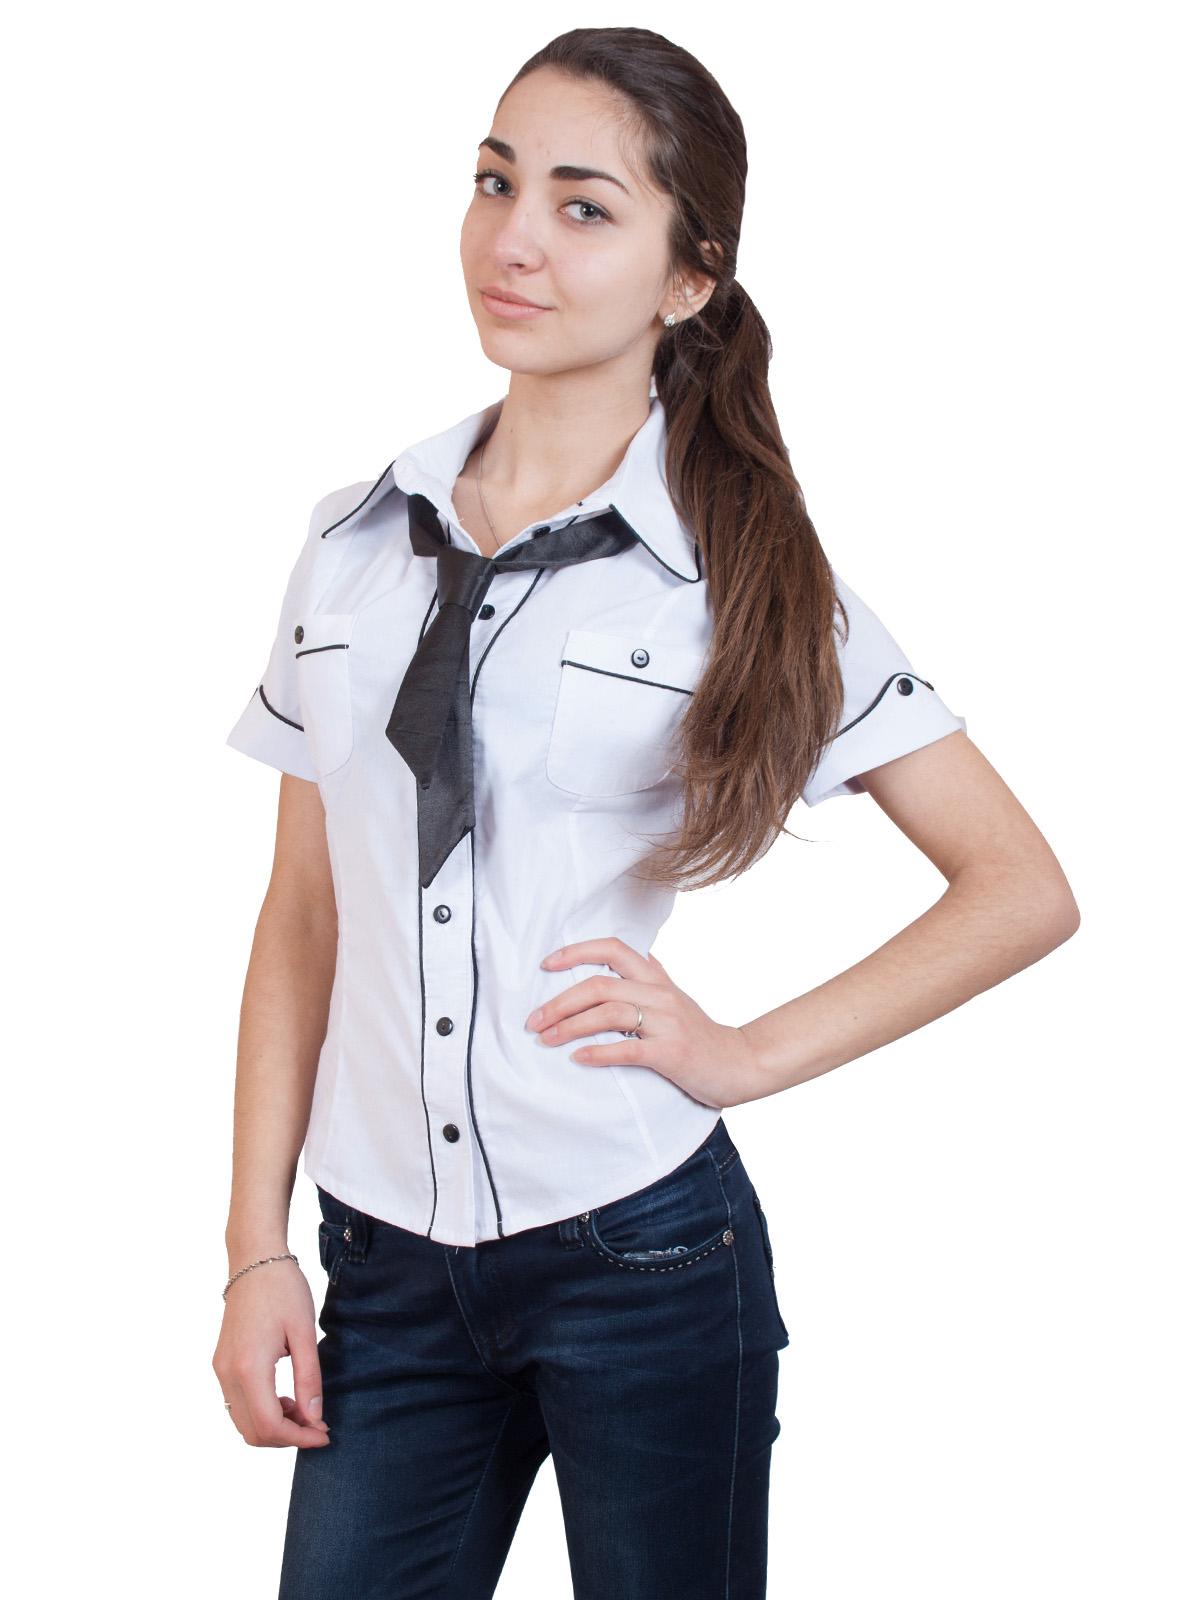 Рубашка с галстуком для девушек фото